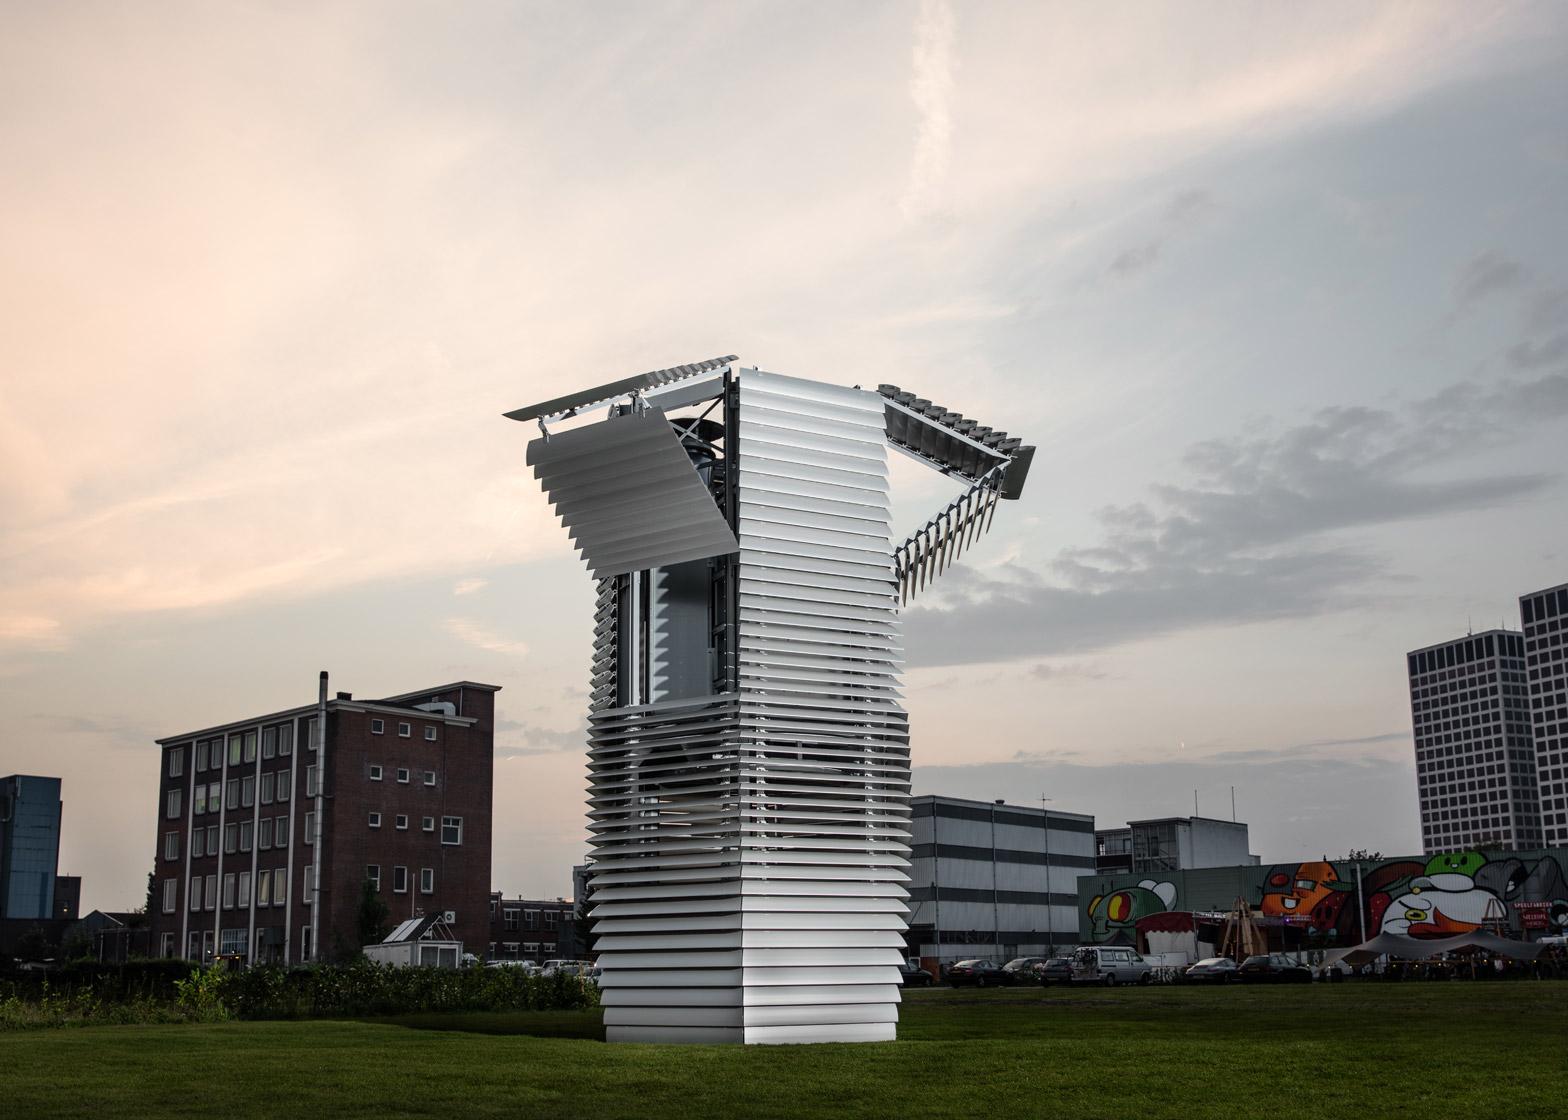 Daan Roosegaarde's Smog Free Tower